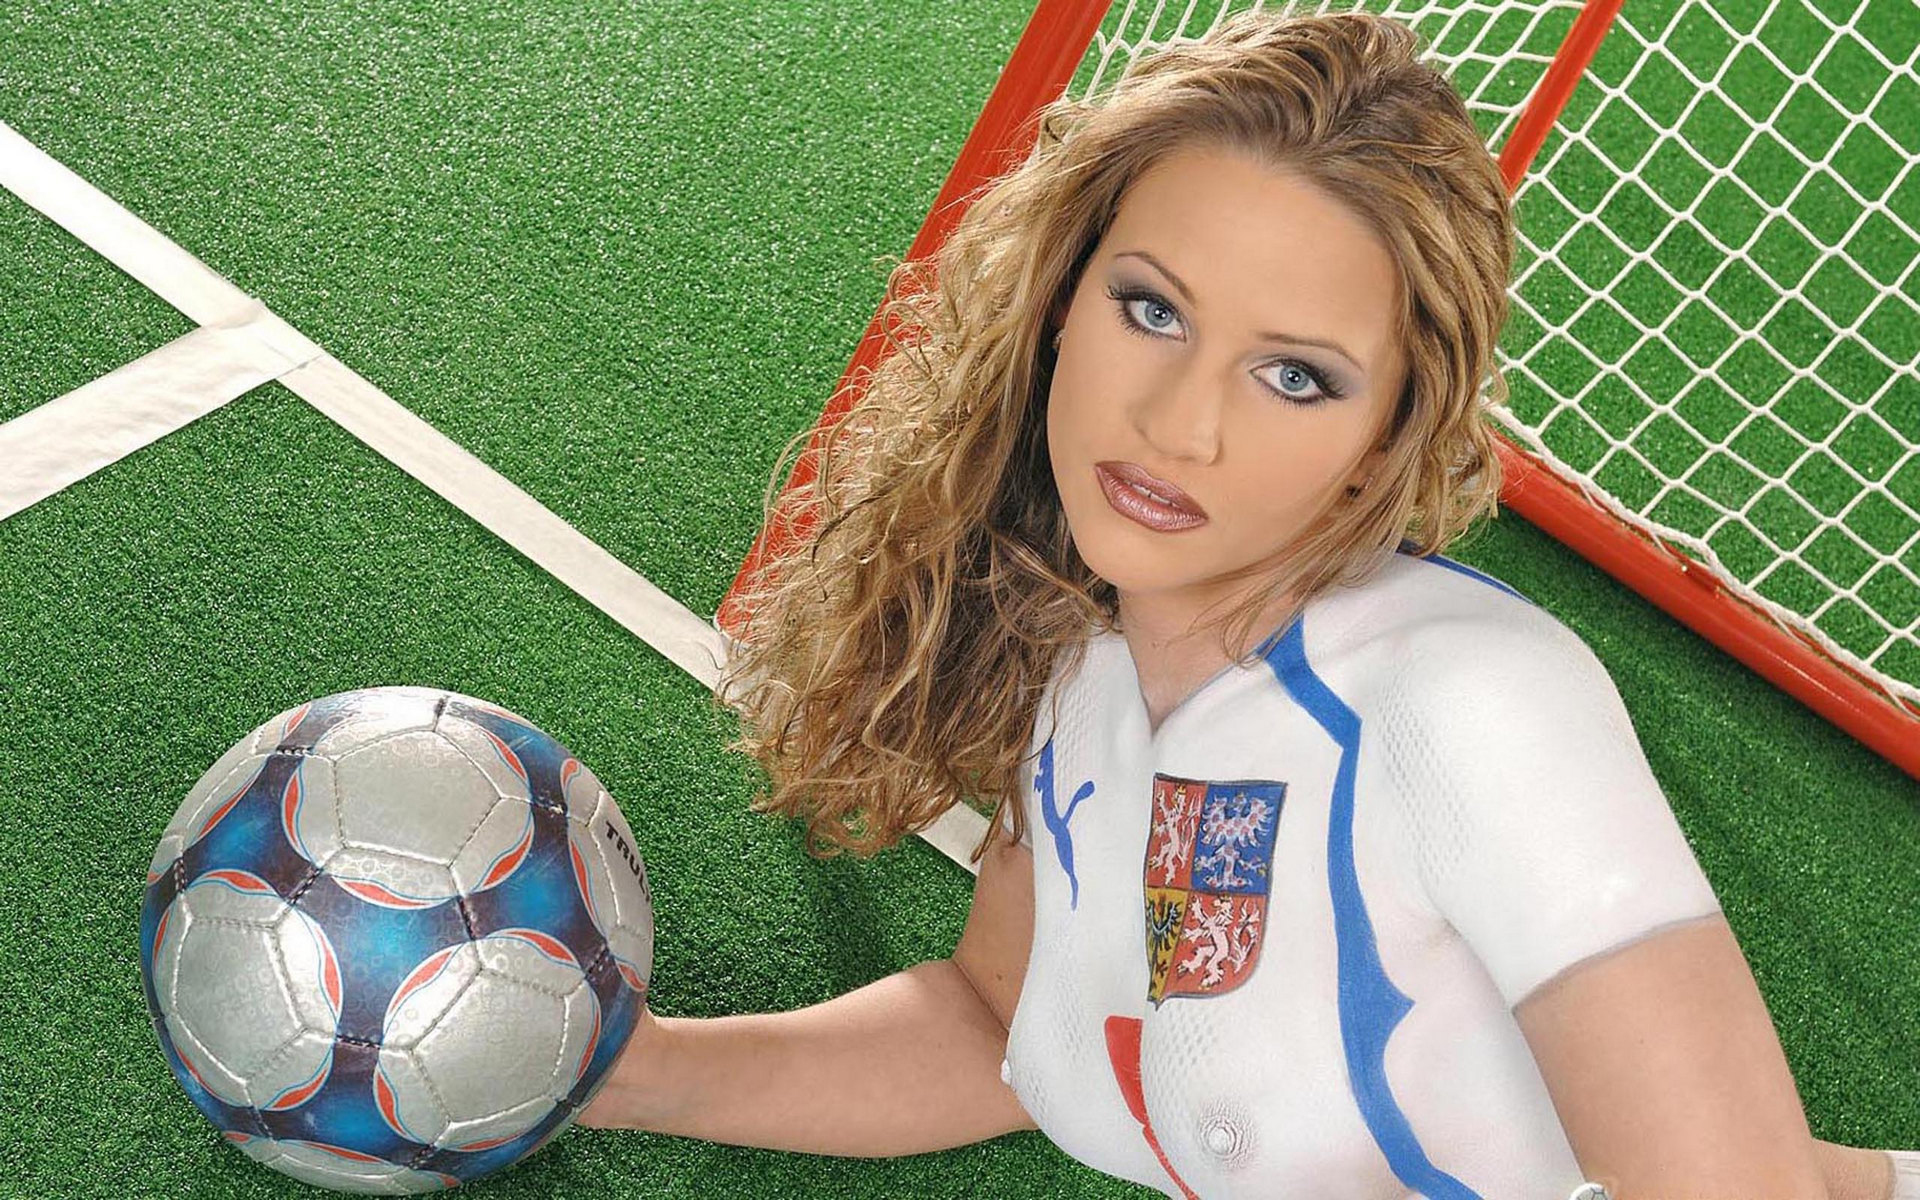 женский Футбол украина скачать